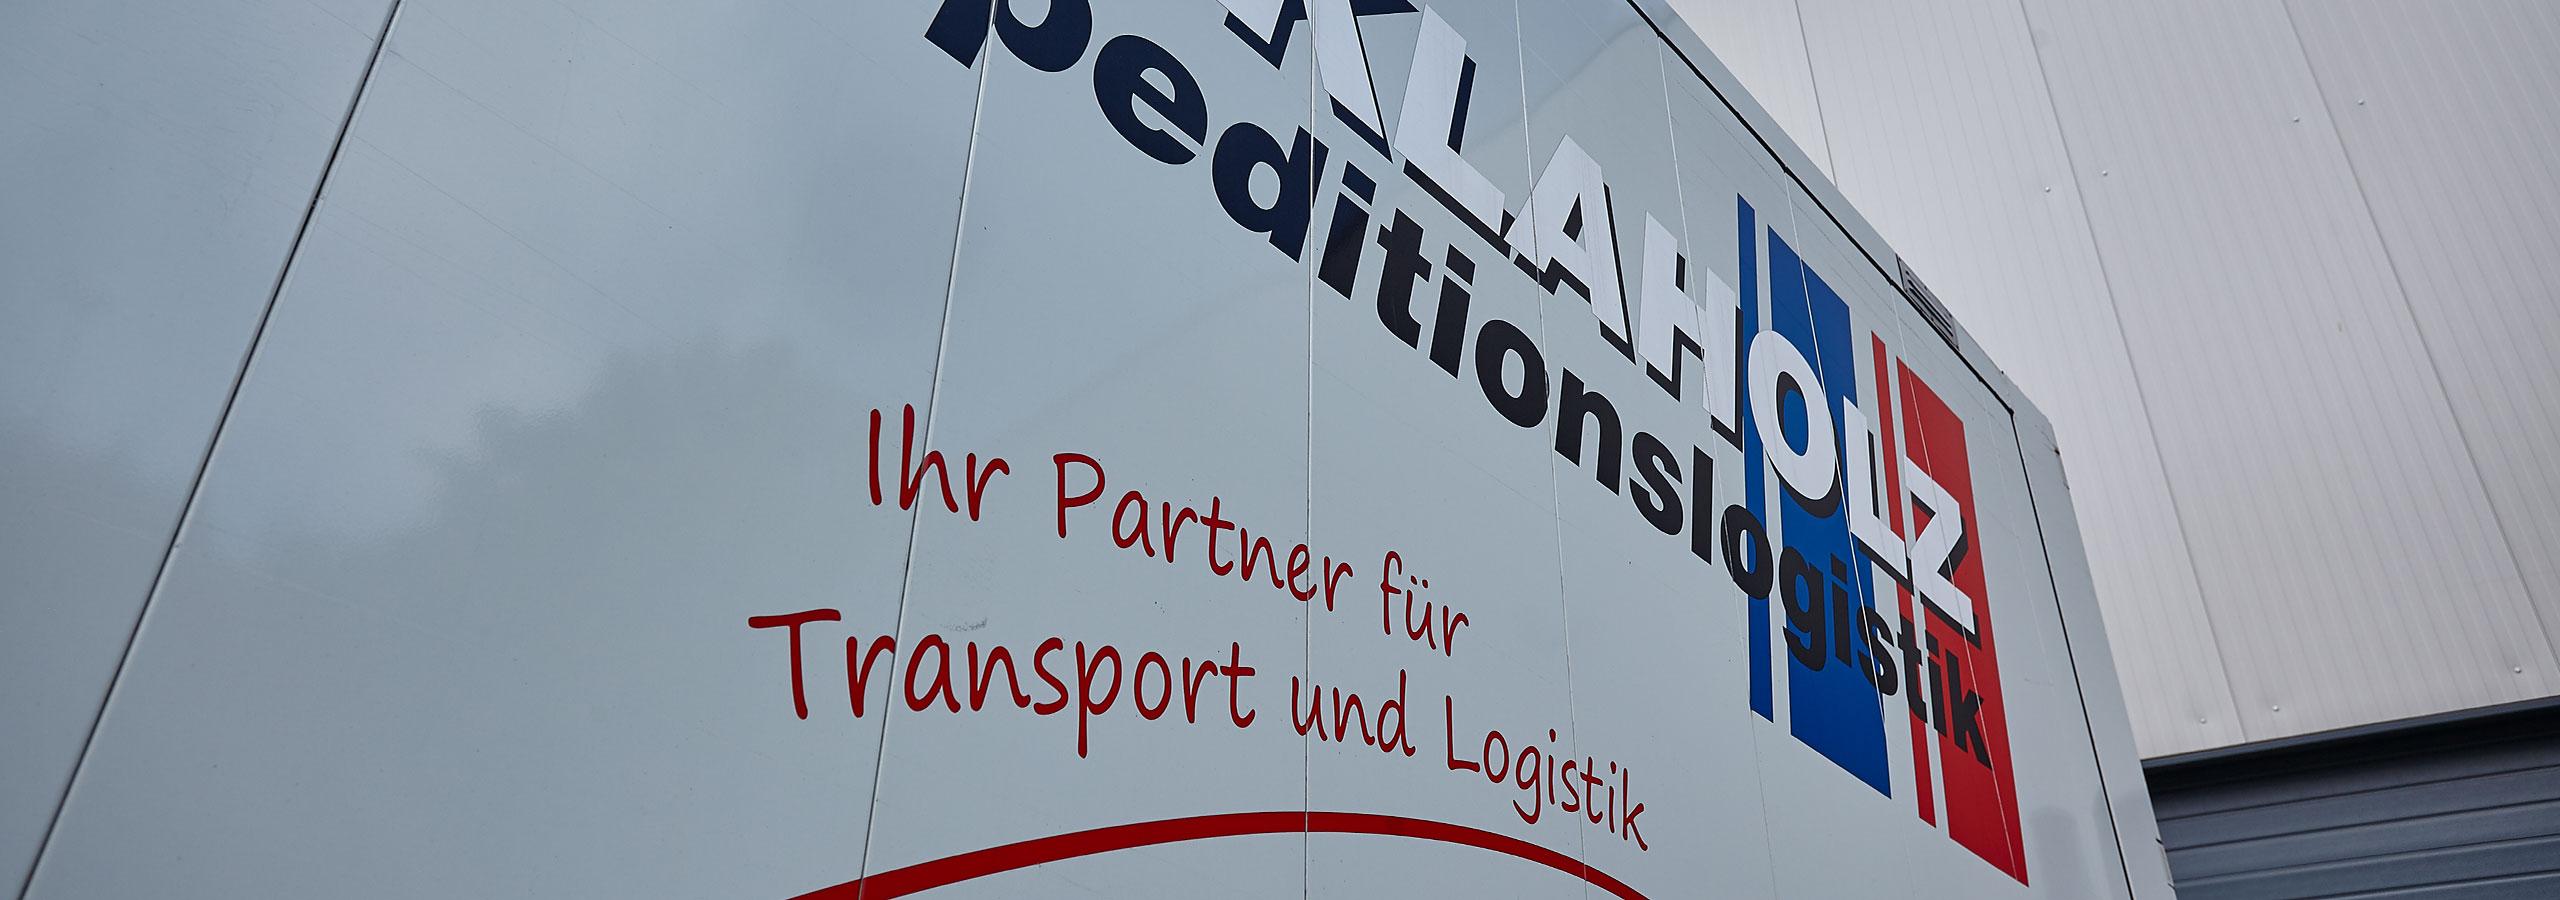 Ihr Partner für Transport und Logistik